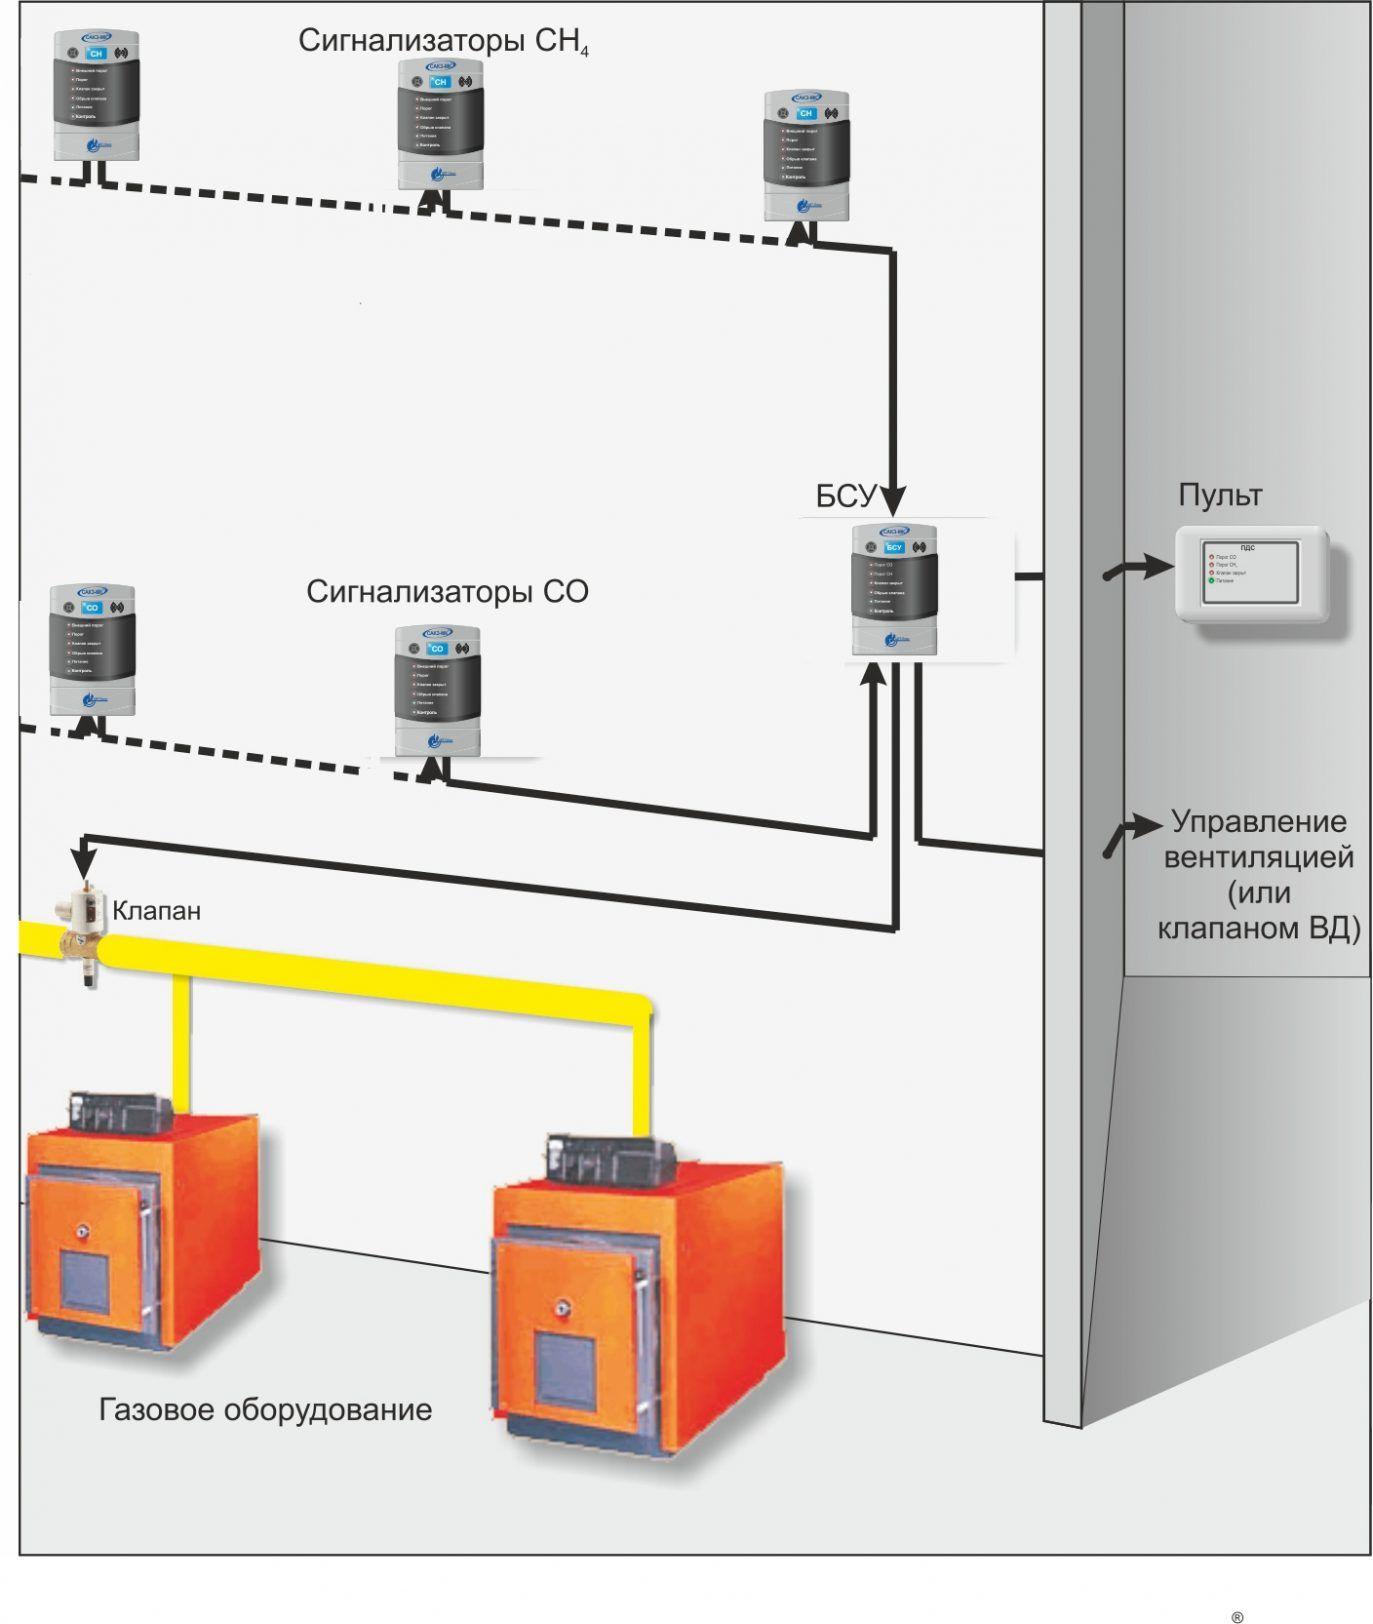 Схема подключения САКЗ-МК®-2